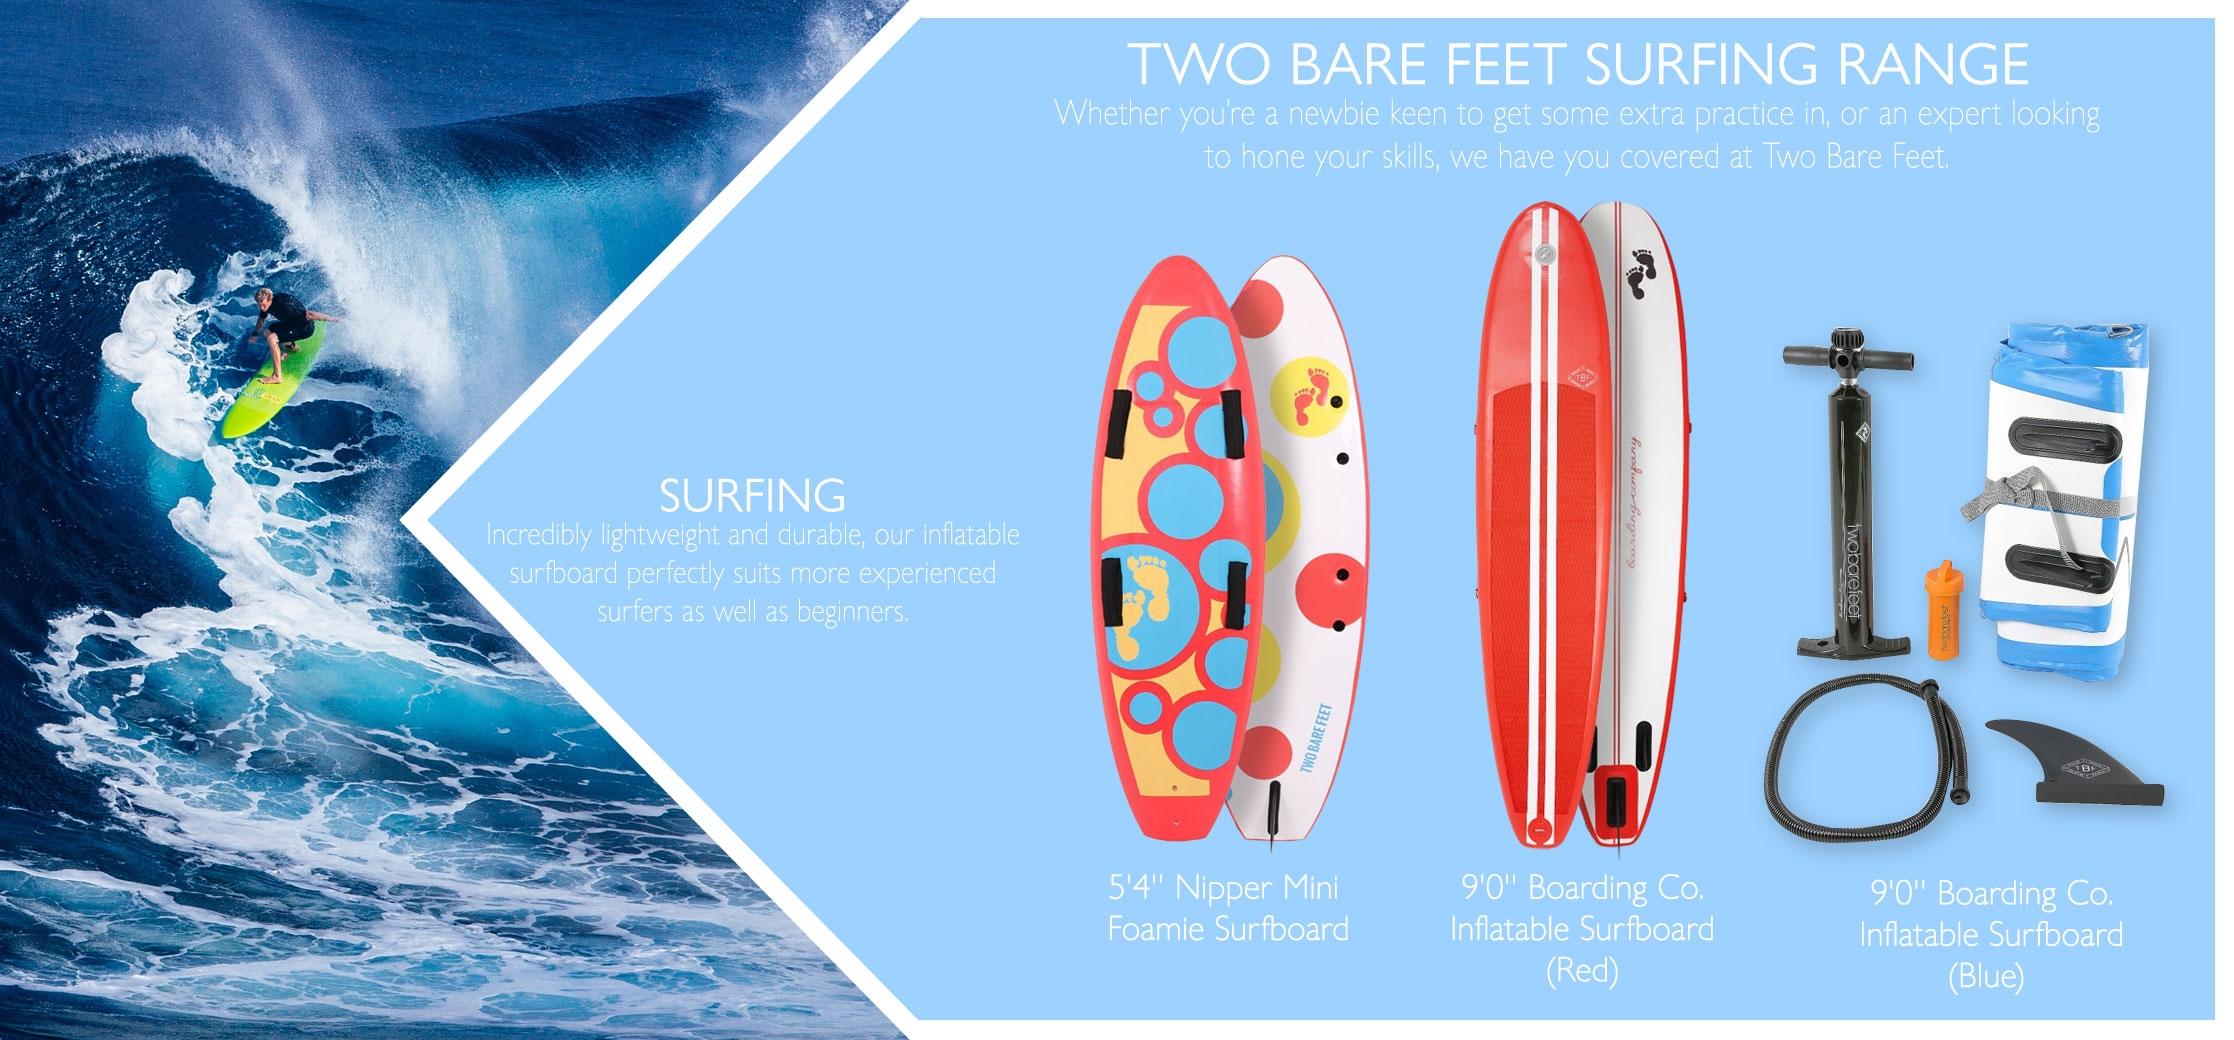 Surfing types